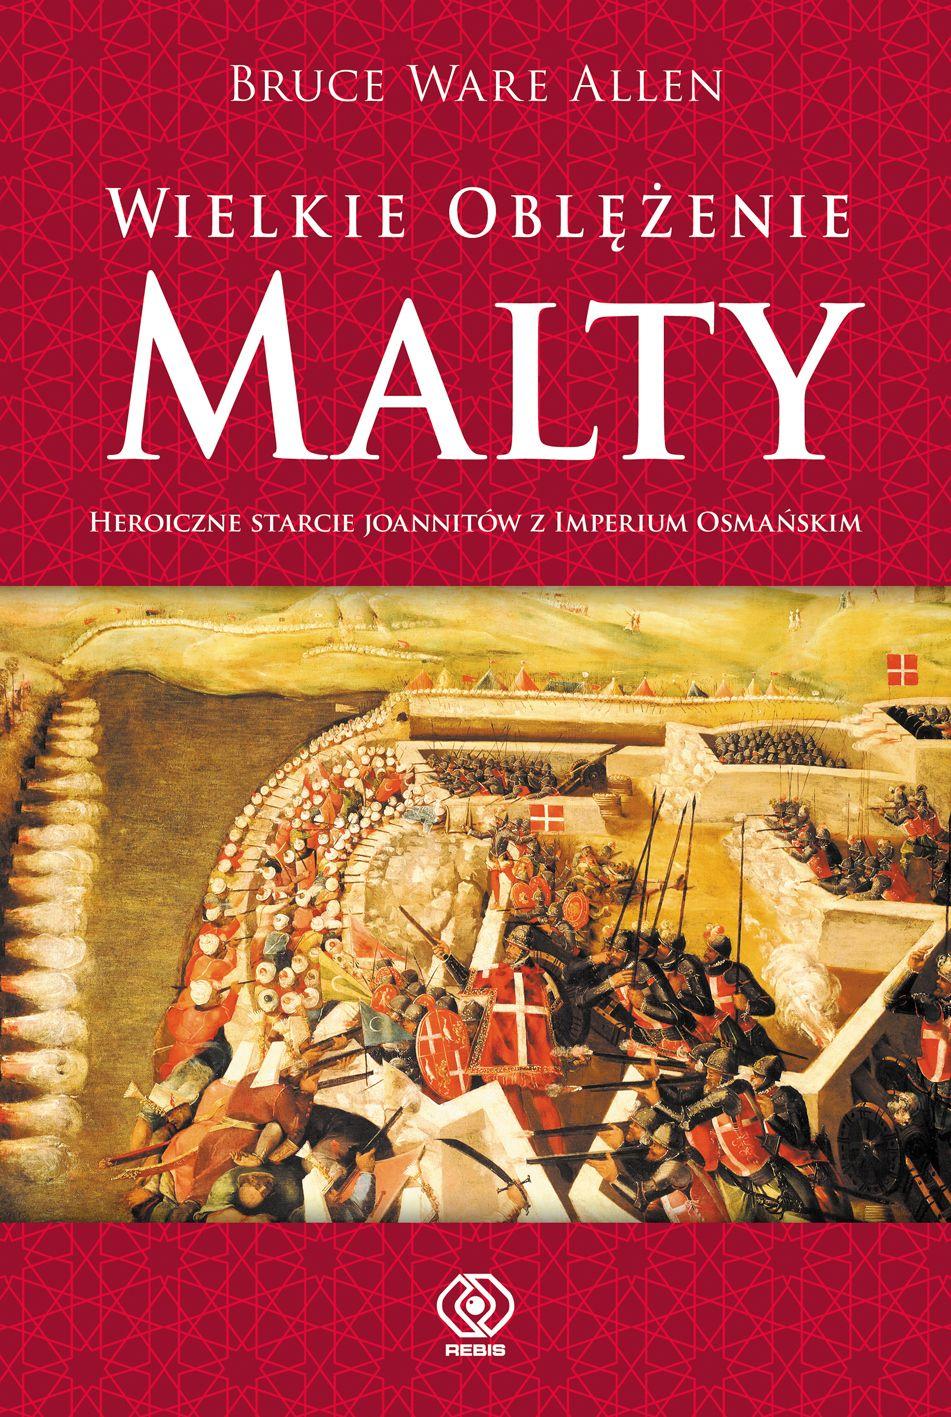 """Kup """"Wielkim Oblężeniu Malty"""" z rabatem na empik.com"""